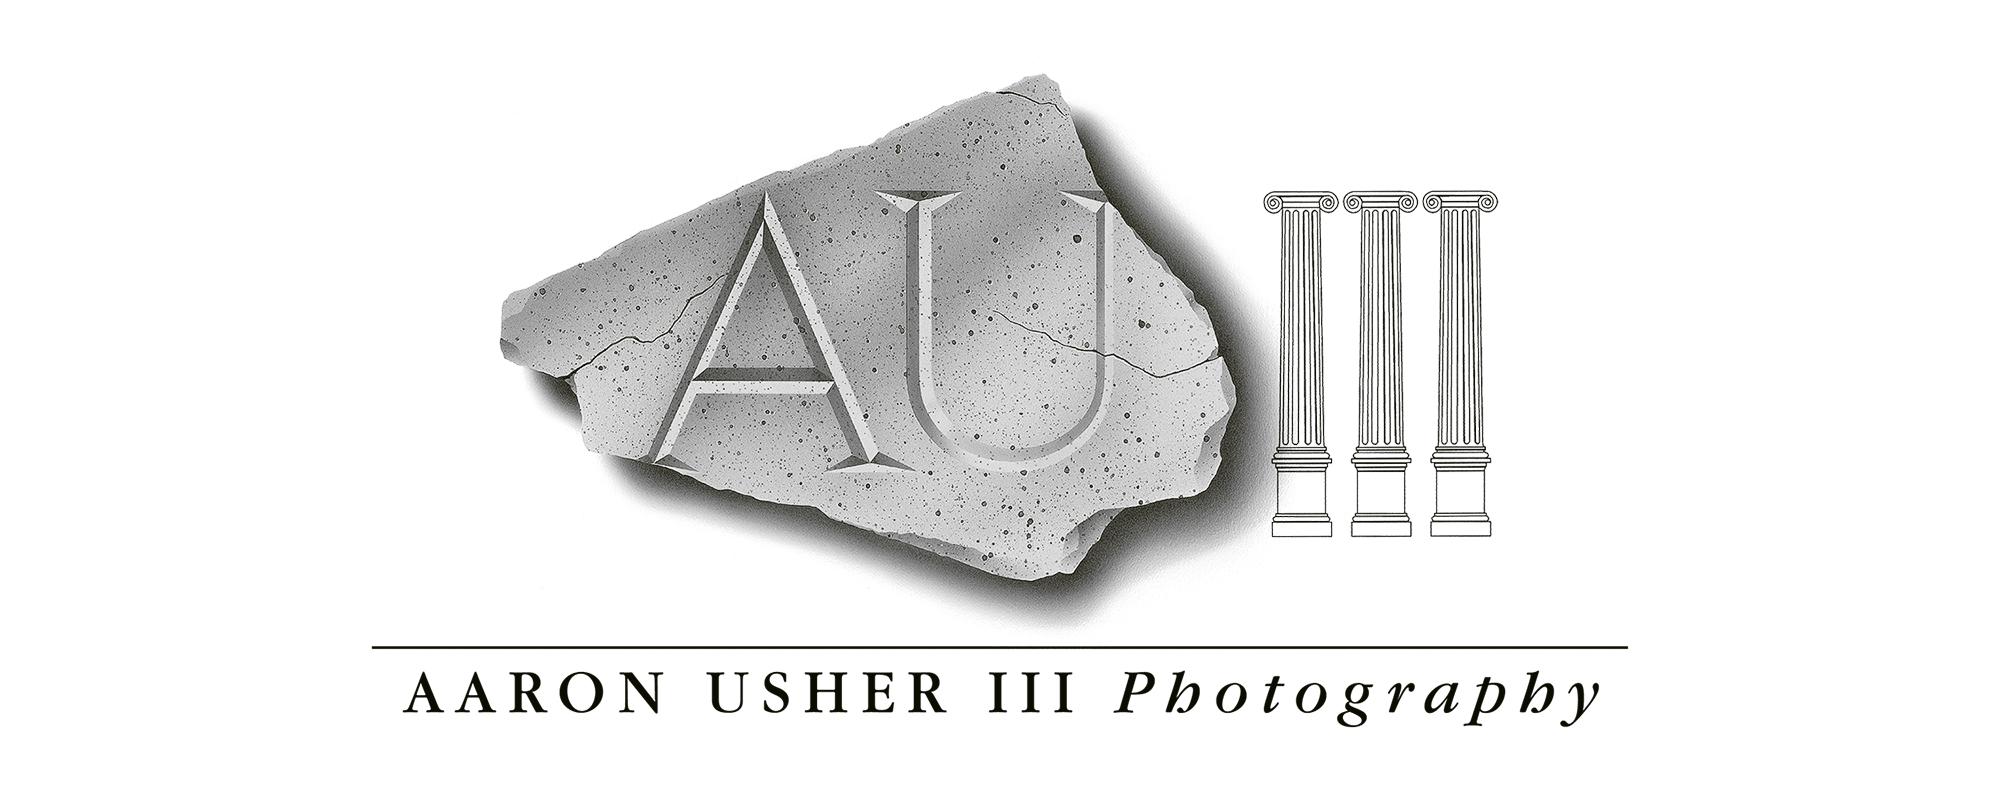 Aaron Usher Photography